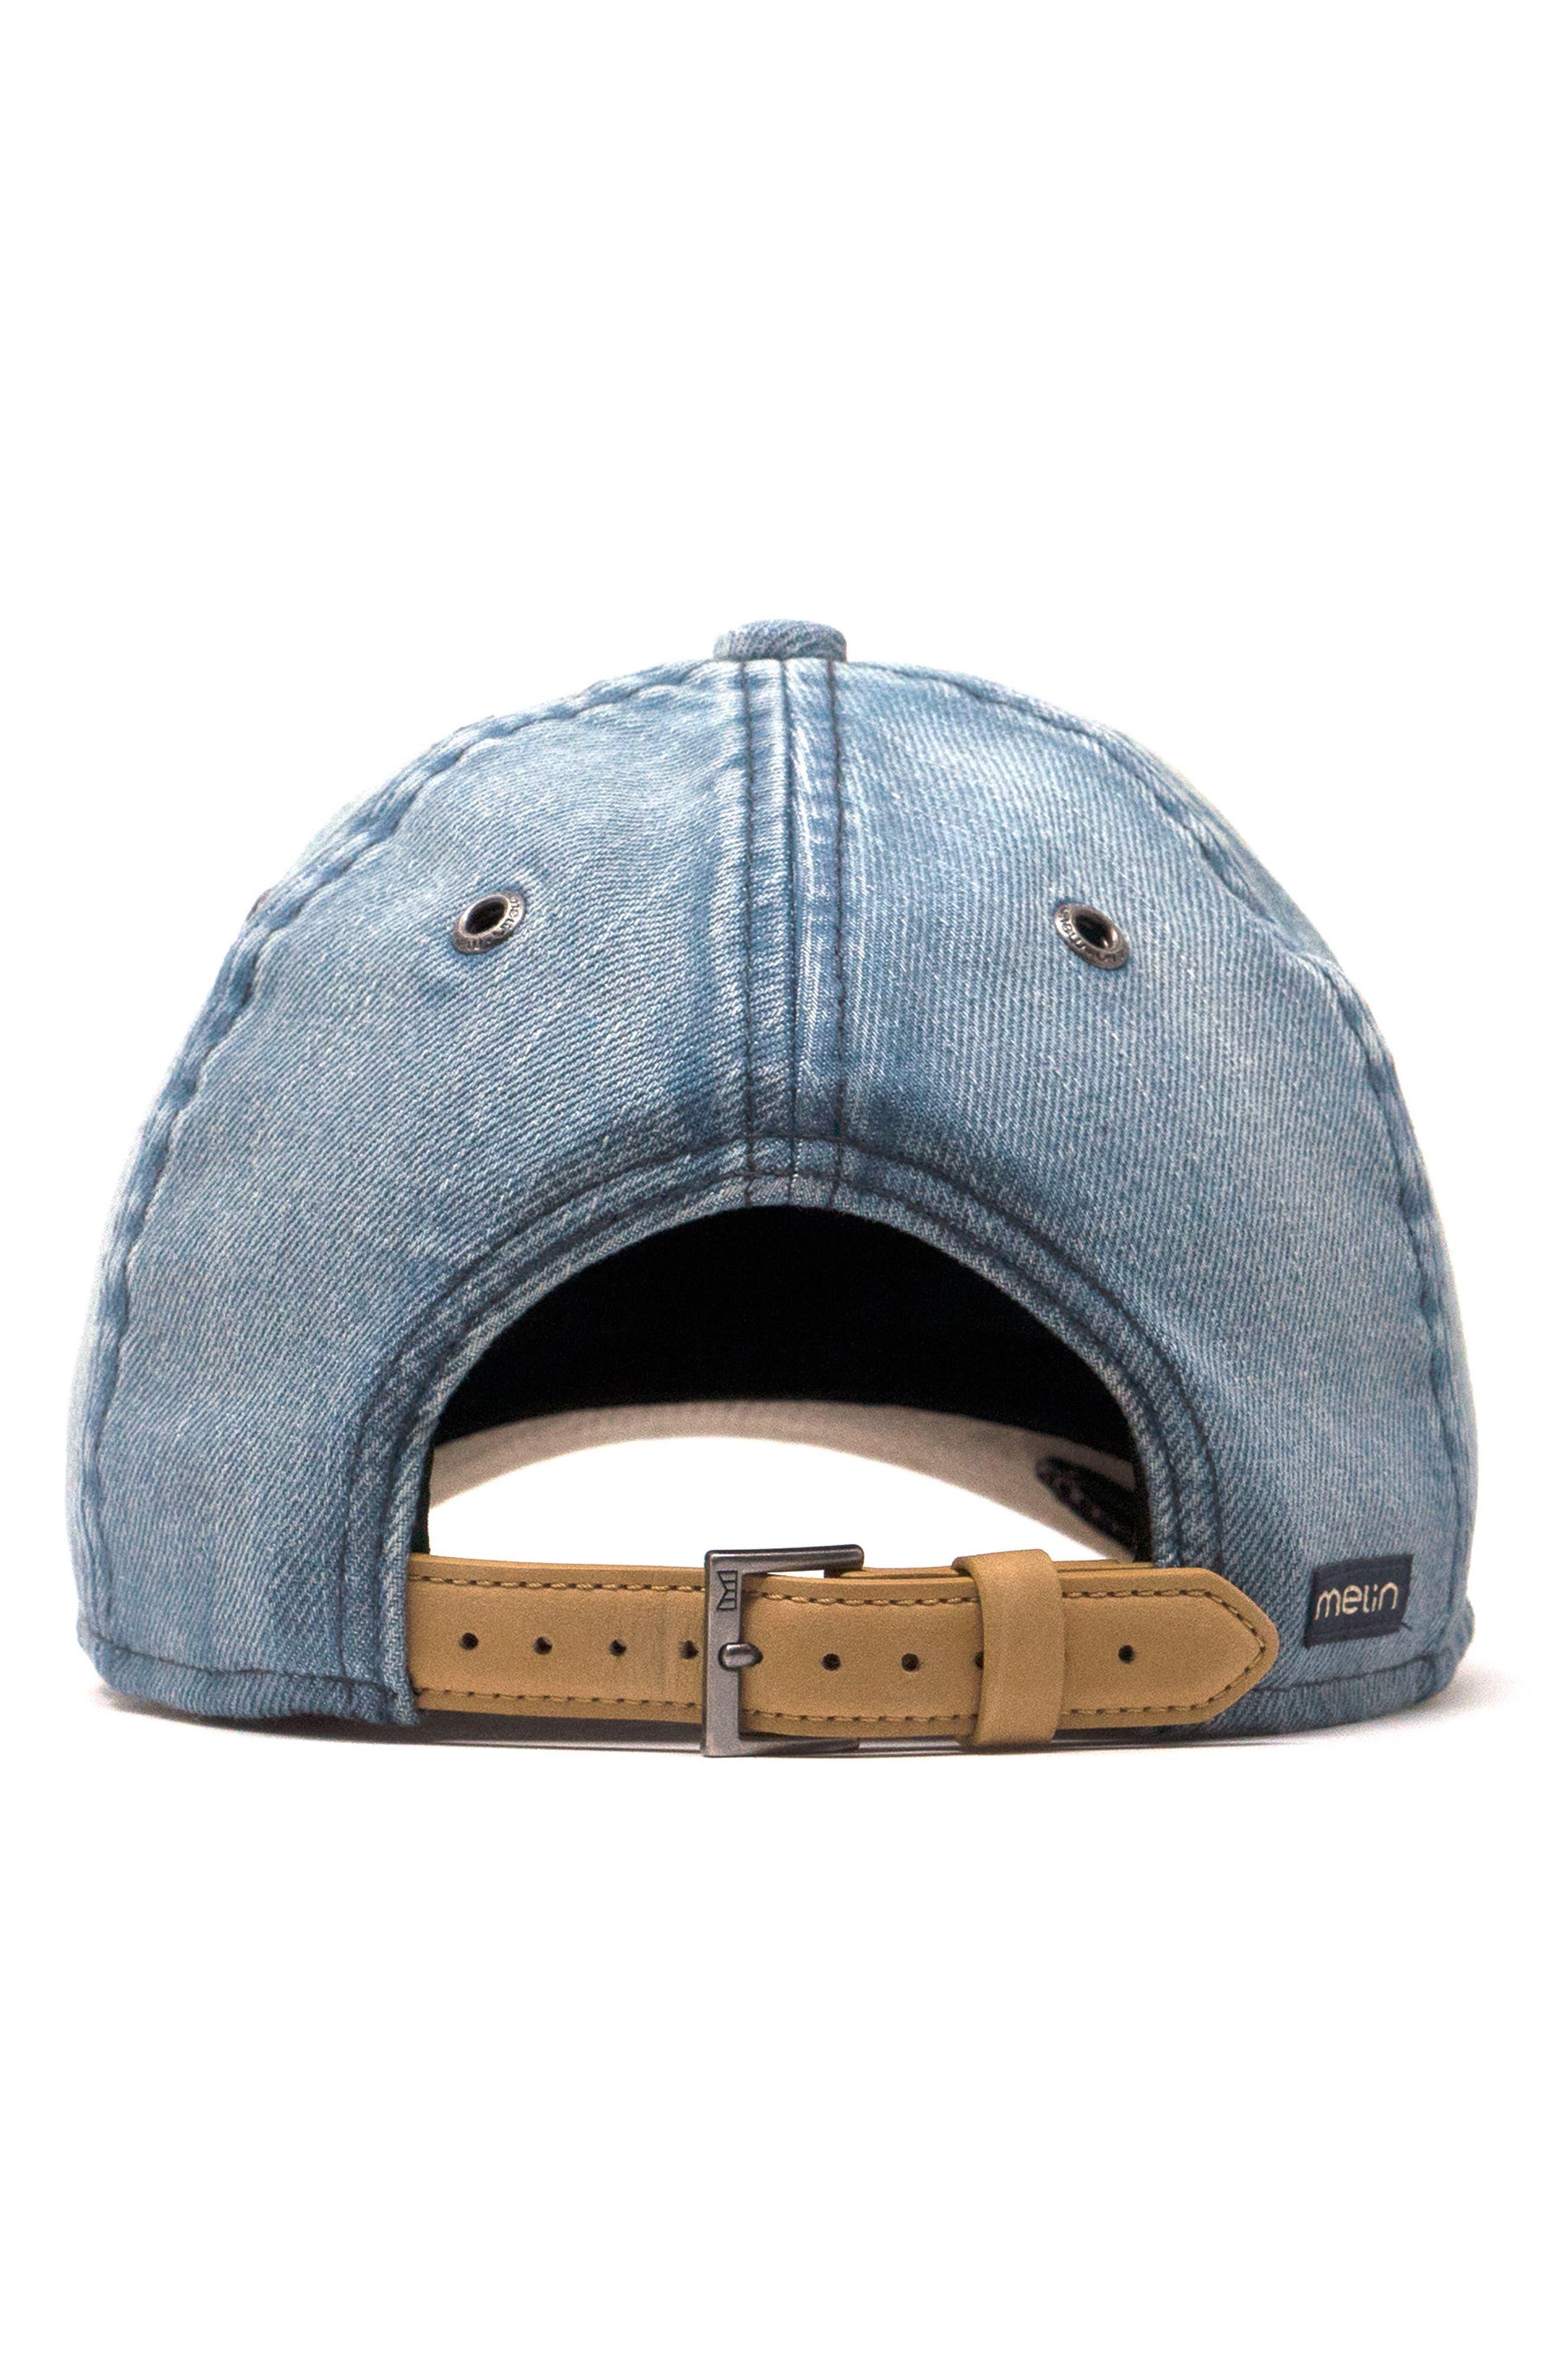 newest 6e91a d11fa get melin hesher baseball cap blue 1e52f 7971e